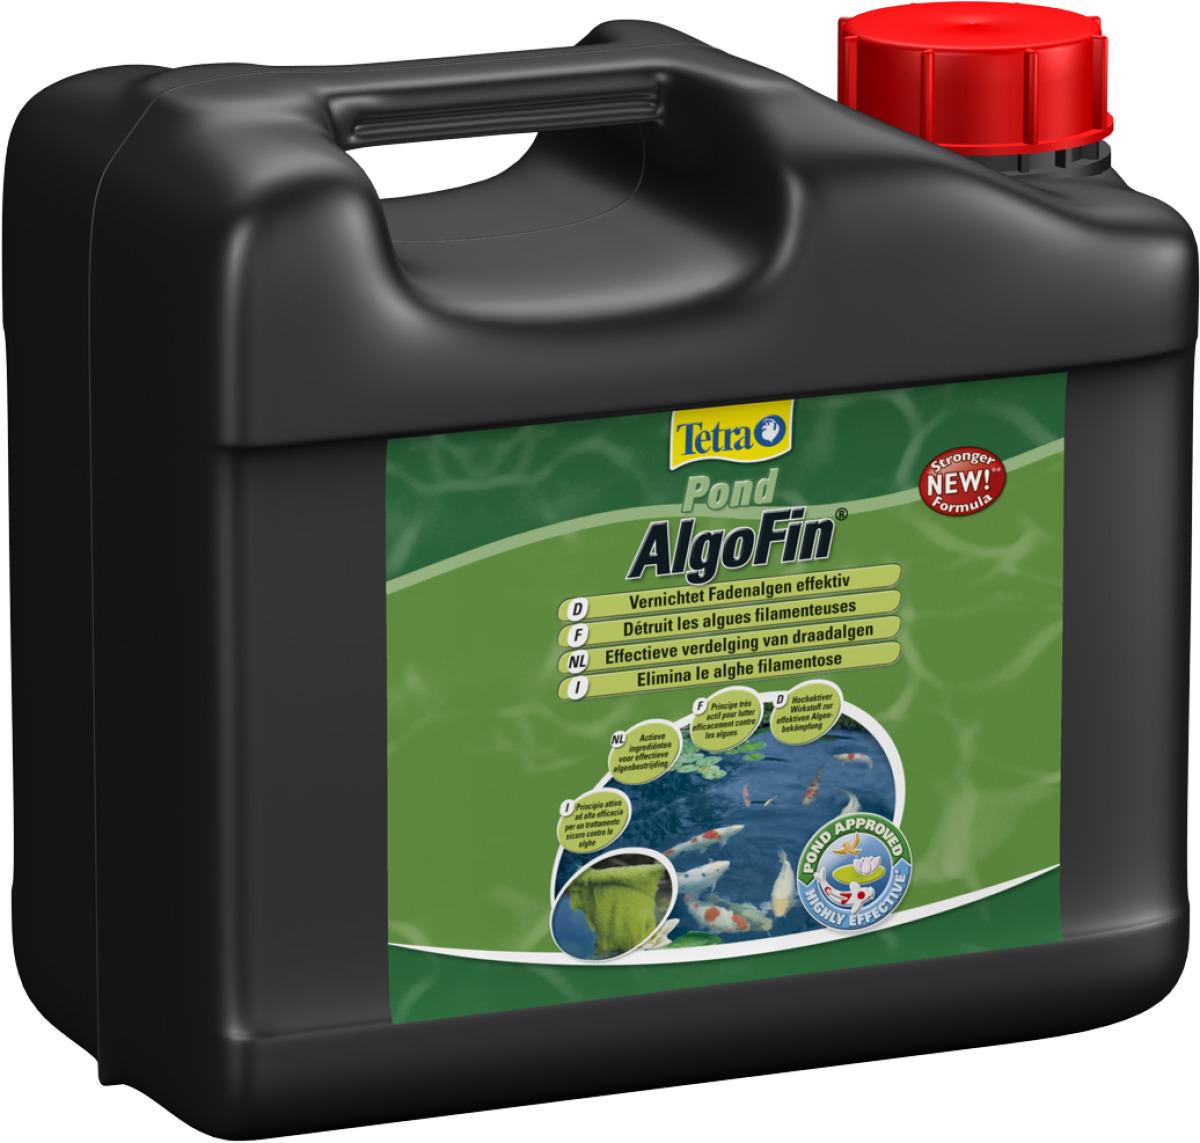 TETRA Pond AlgoFin 3L détruit les algues filamenteuses et autres algues courantes en bassin. Traite jusqu\'à 60000 L